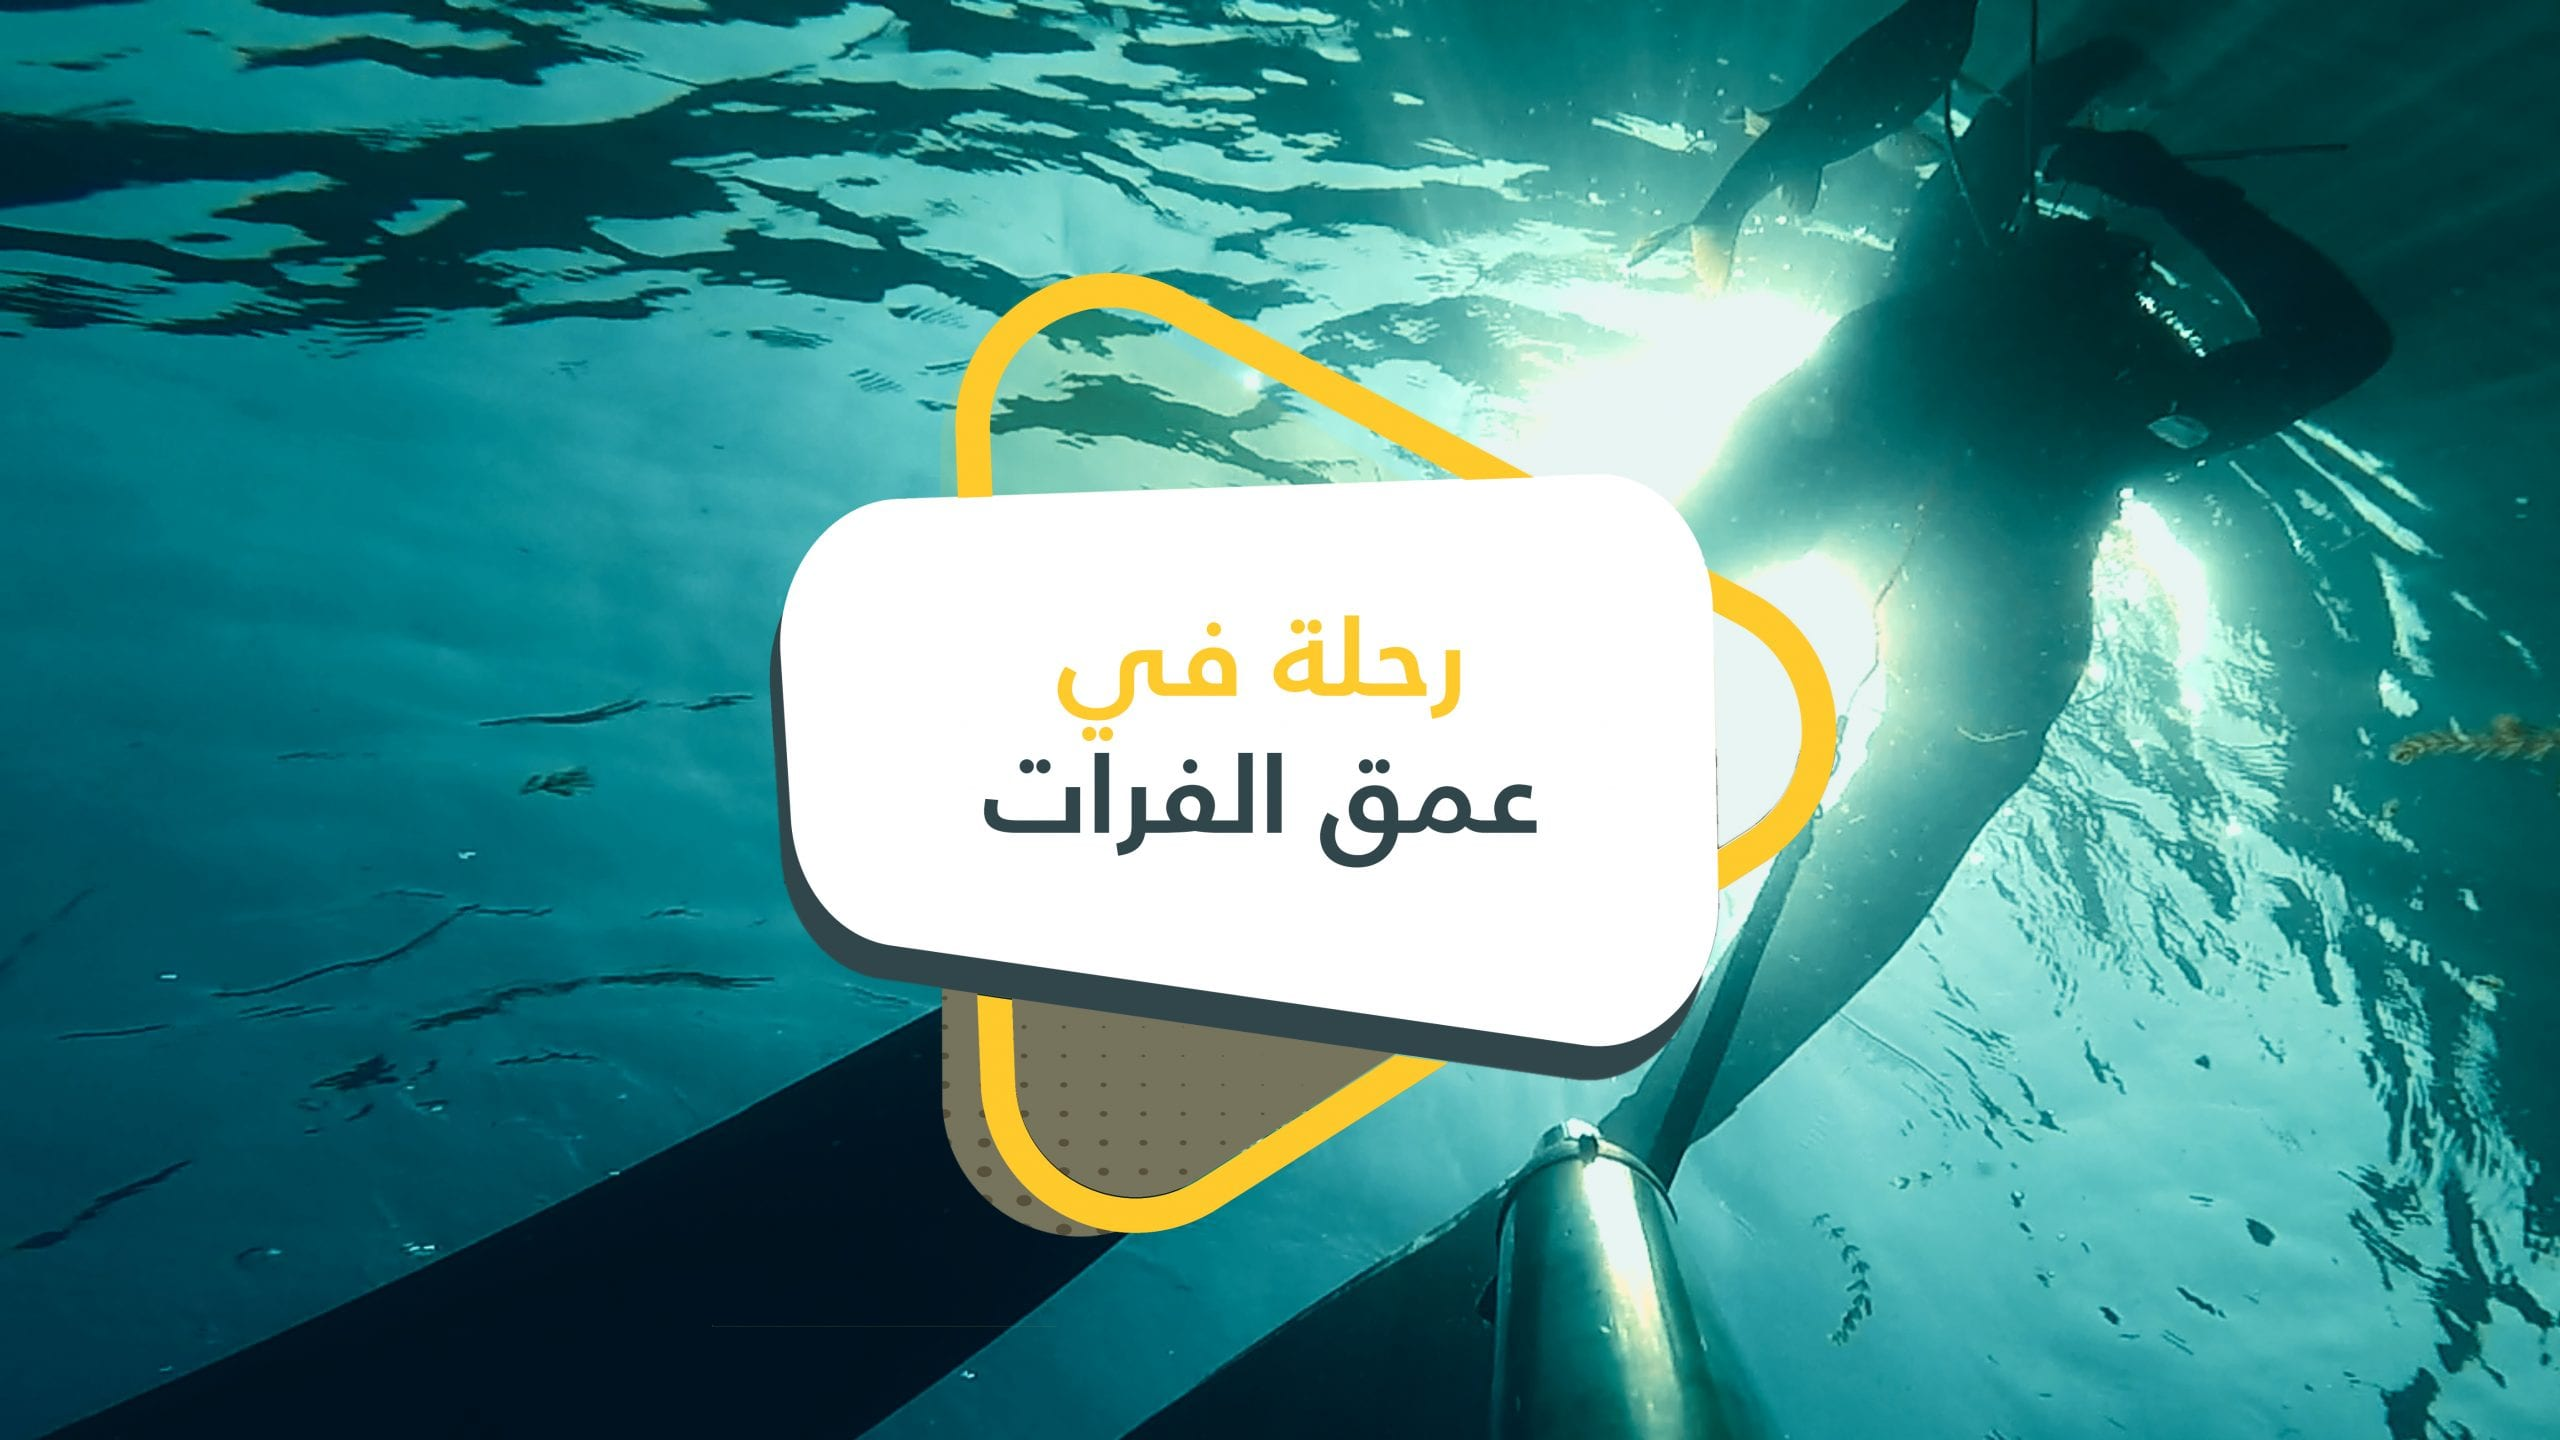 الفرات صديقه اليومي .. رحلات الصيد والتصوير تحت سطح مياه النهر